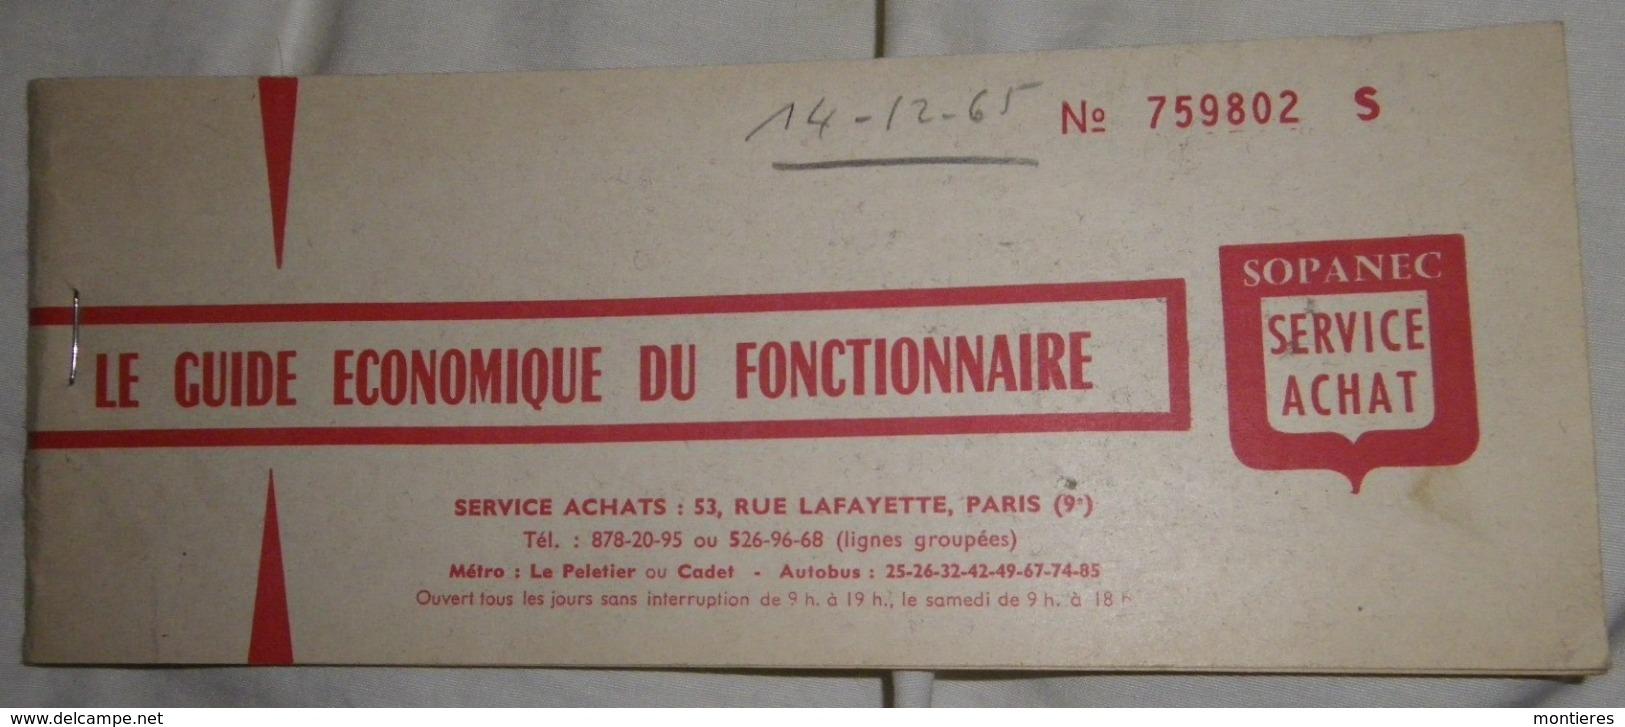 SOPANEC 53 Rue Lafayette Paris 75009 - Le Guide économique Du Fonctionnaire - 1965 - Francia